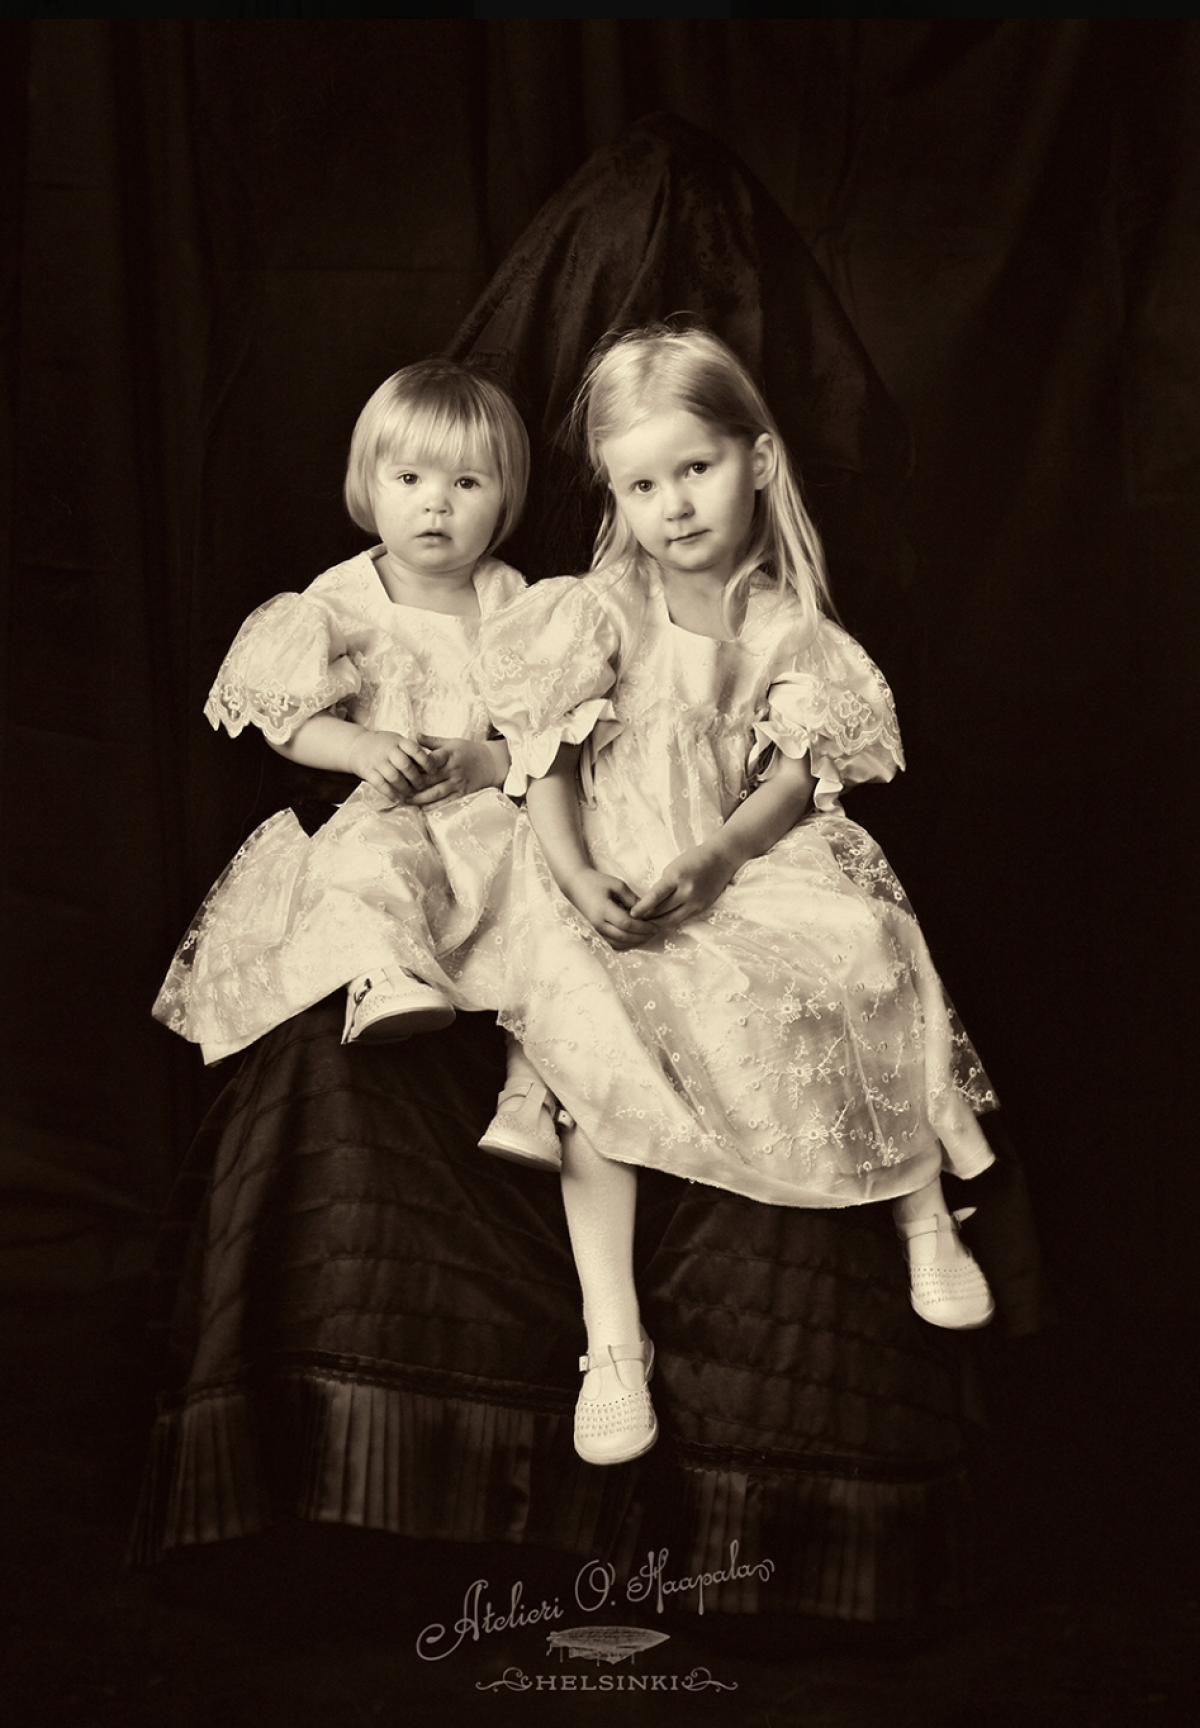 Artistiasu vuokrapuku lasten vuosisadan vaihde, kuva: Atelieri O. Haapala